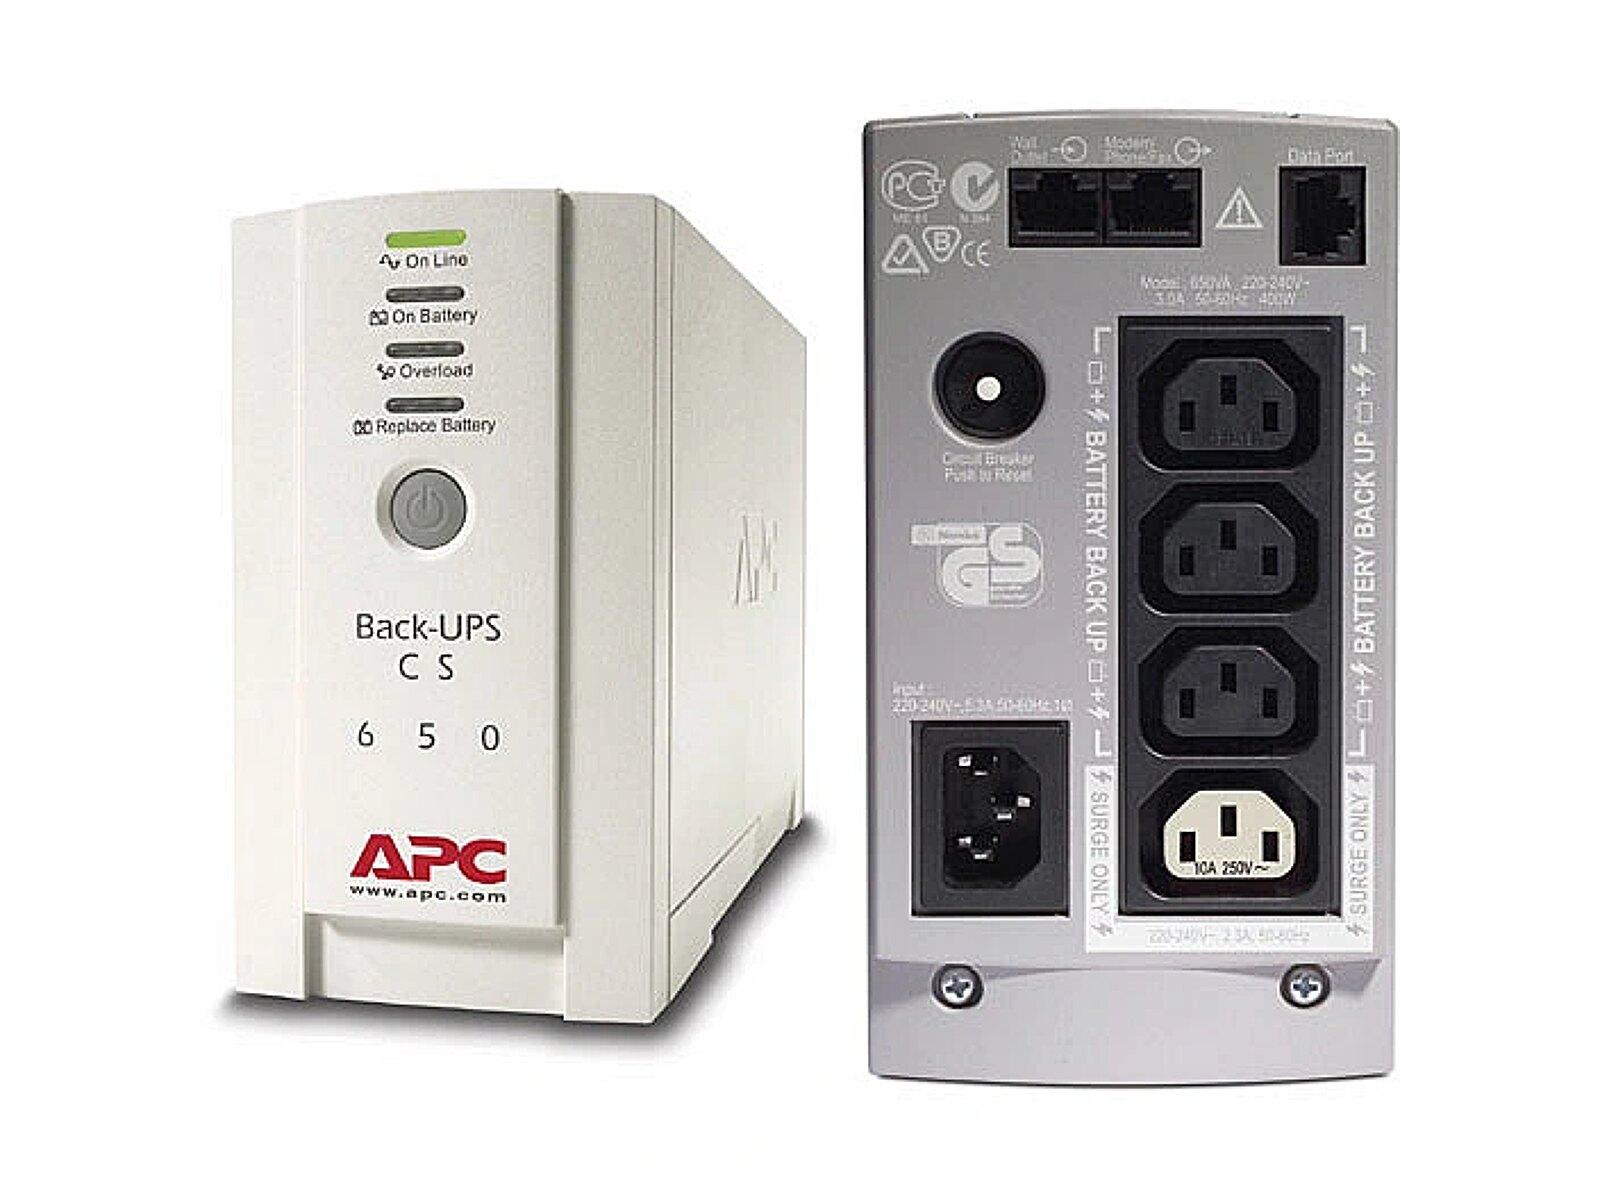 Apc back-ups bk650ei cs 650 ups 400w 650 va!!! 220 v!!! | ebay.